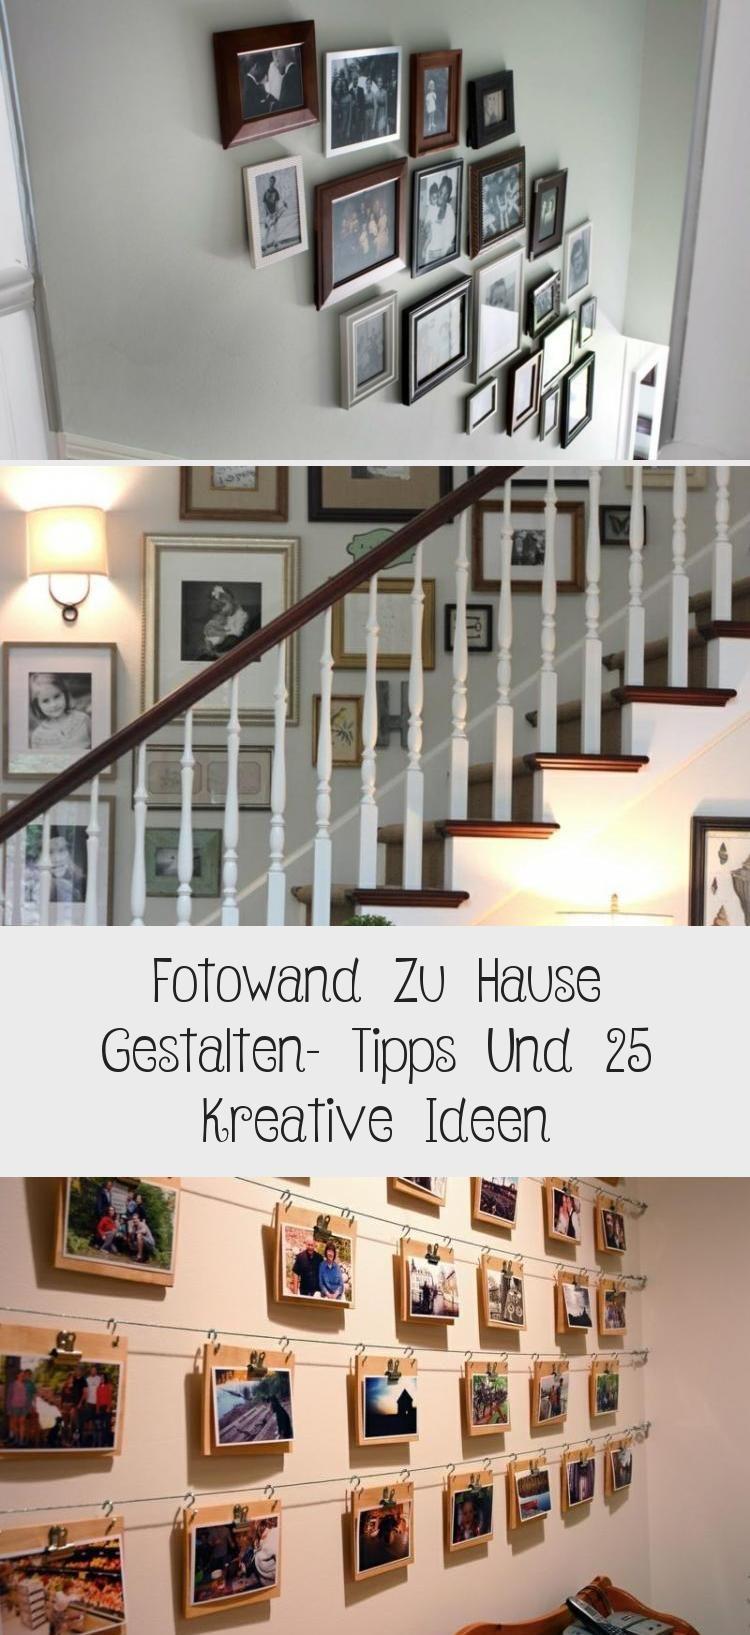 Fotowand Zu Hause Gestalten Tipps Und 25 Kreative Ideen Haus Gestalten Bilder Aufhängen Ideen Fotowand